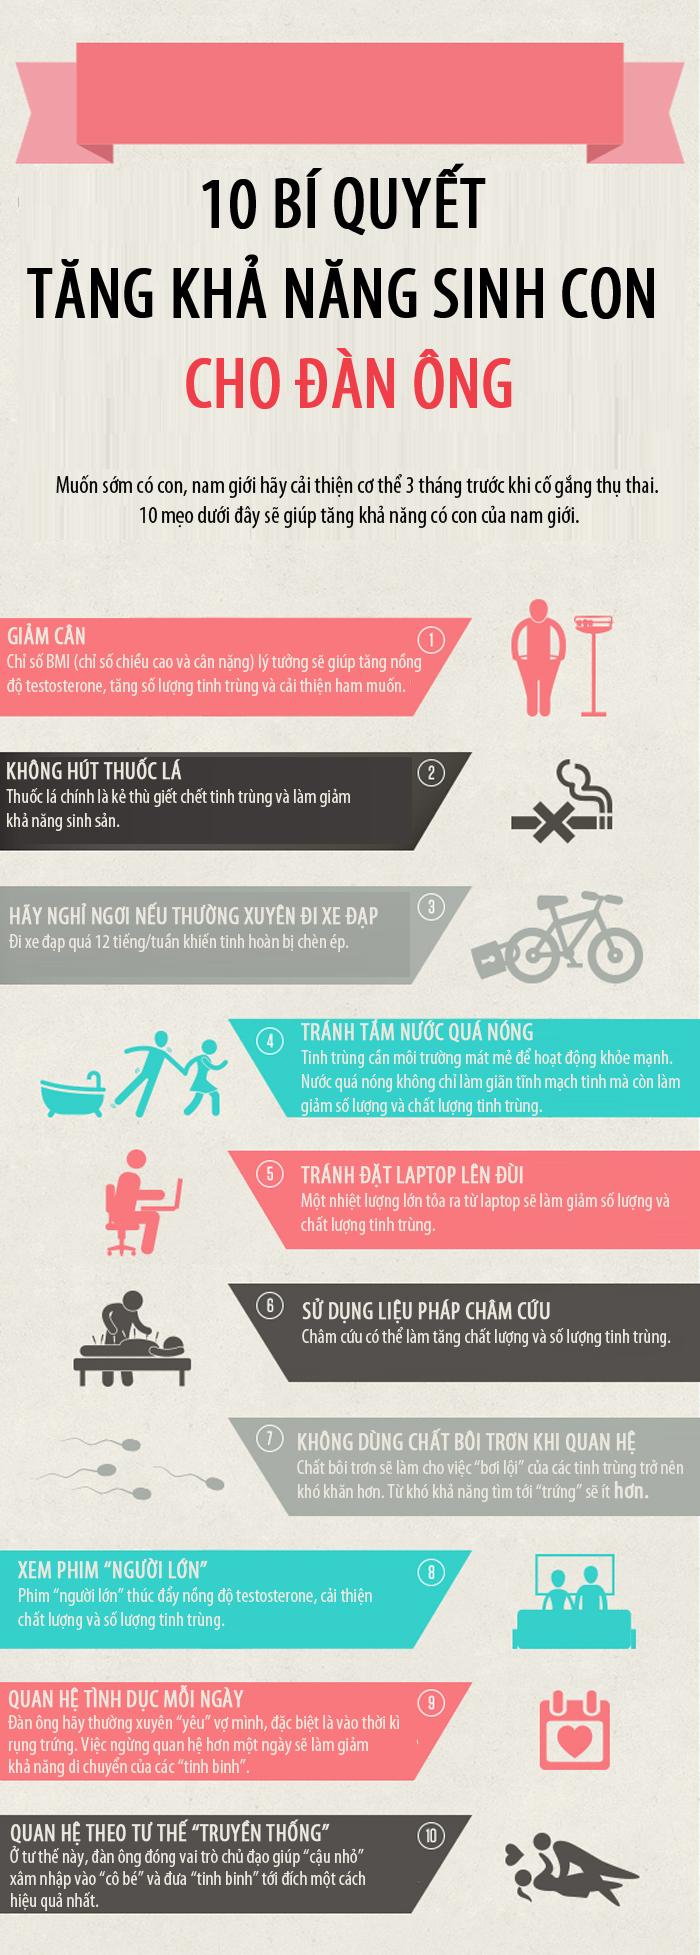 10 siêu bí kíp giúp nam giới sớm có em bé